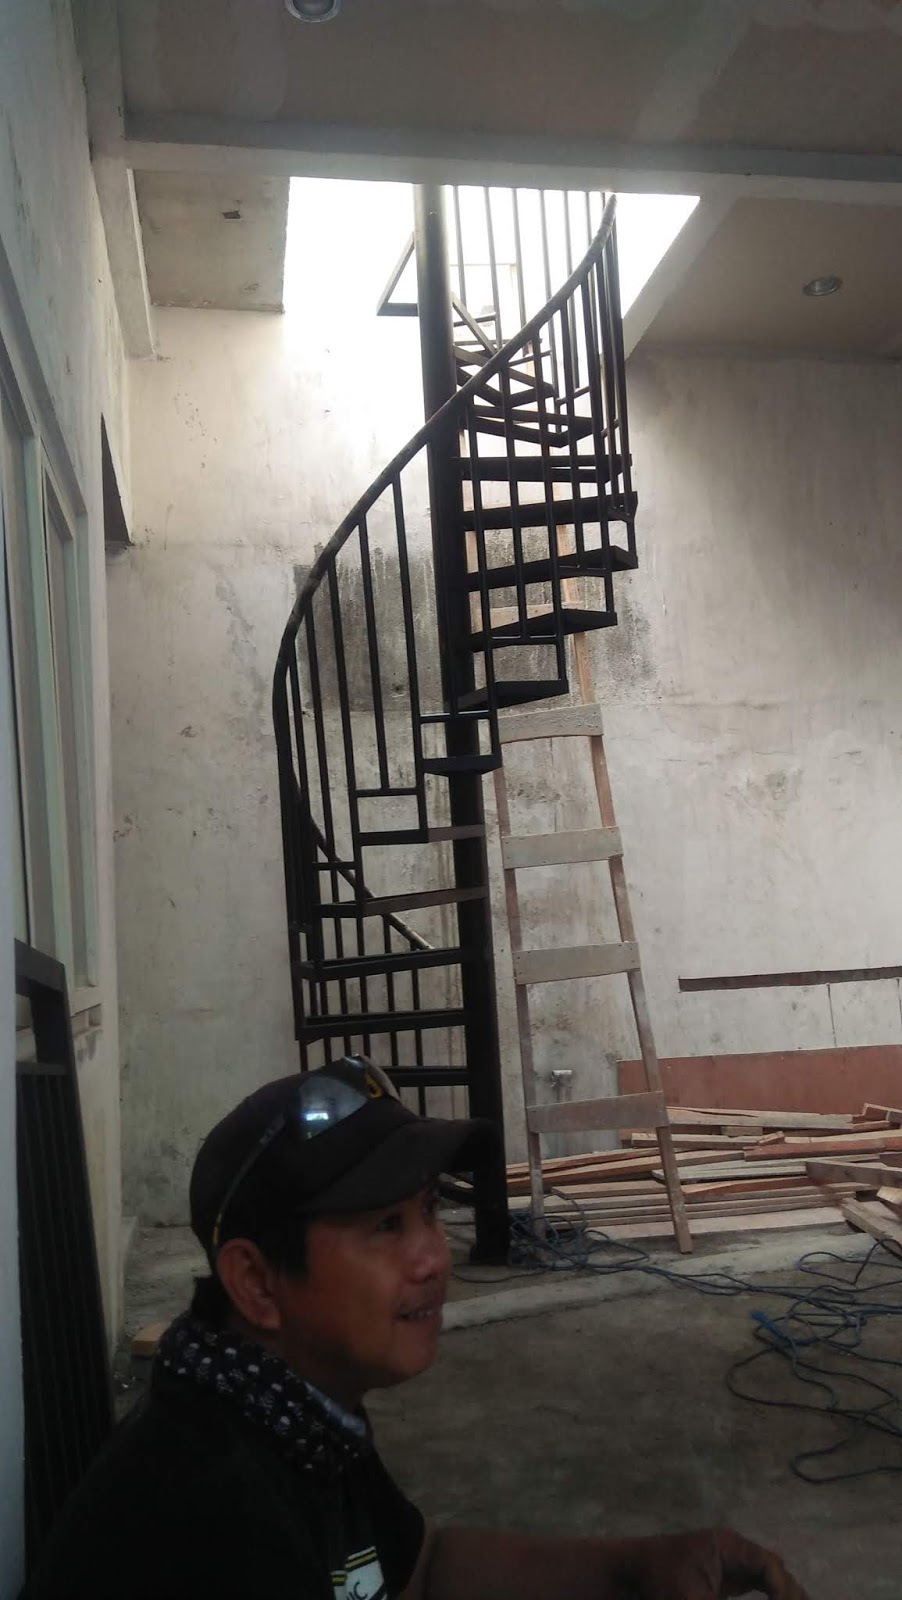 Bengkel Las Surabaya Rizqy Lumintu Tangga Putar Murah Gresik